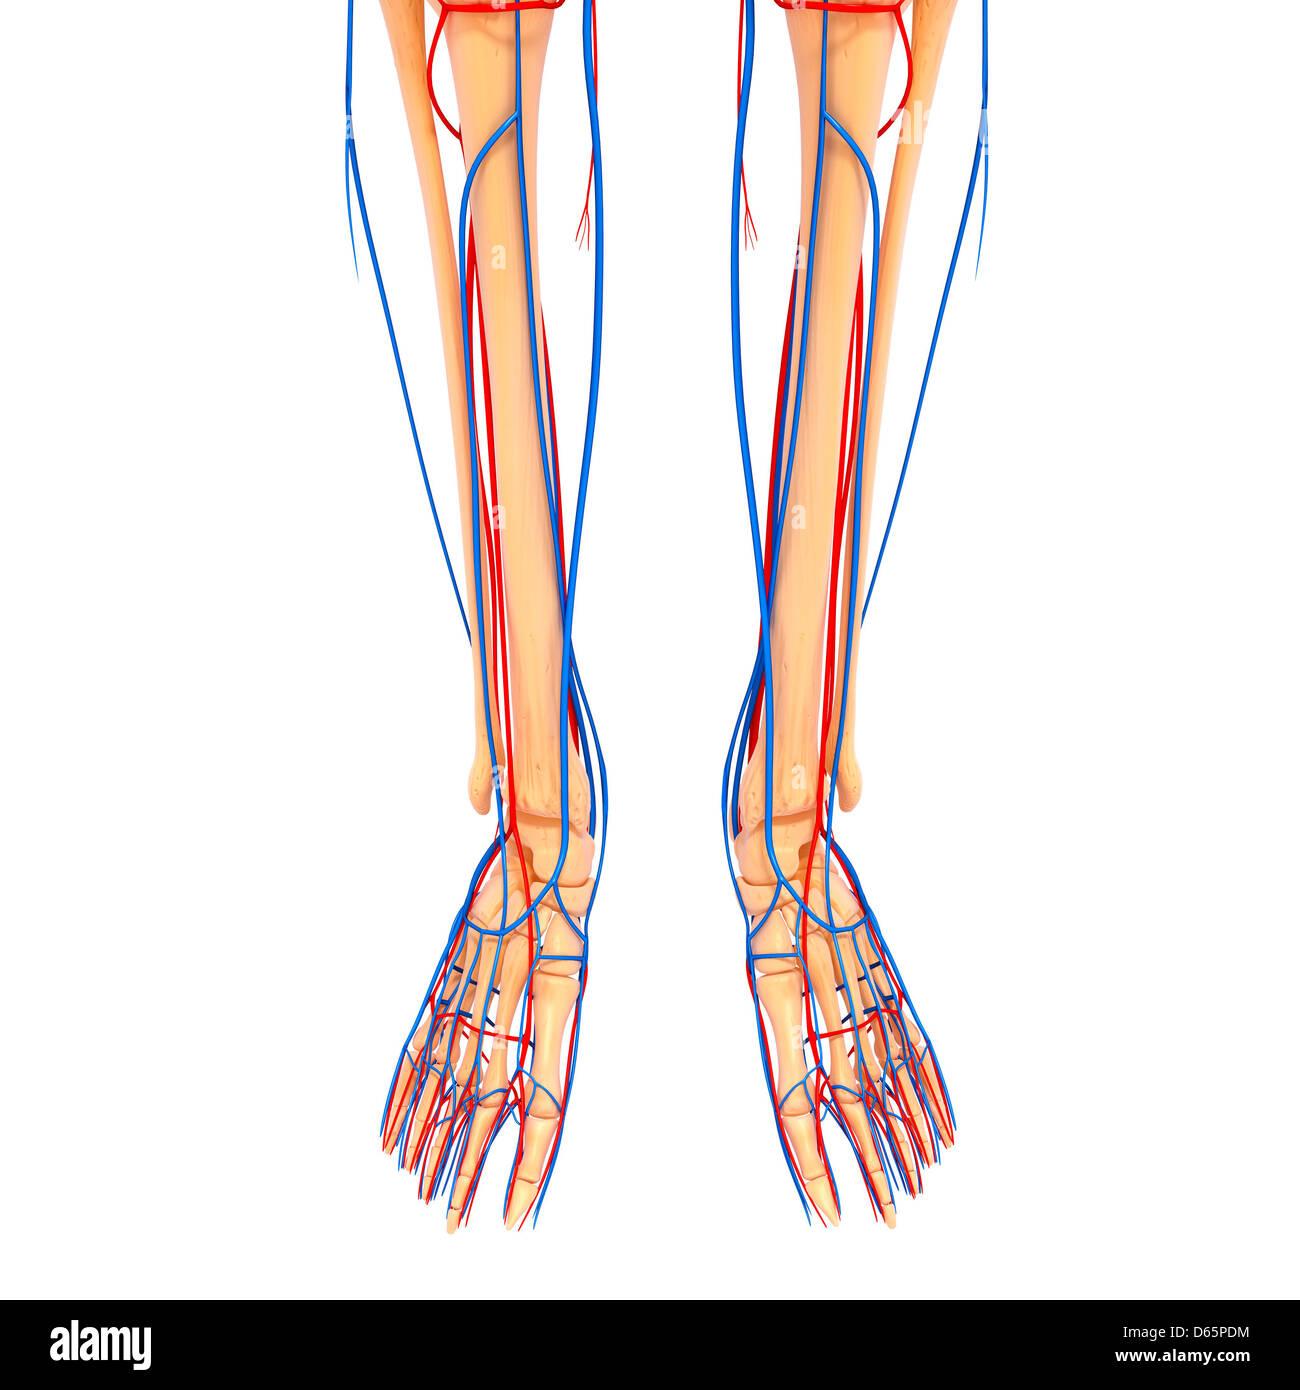 Beste Bein Anatomie Bilder Galerie - Menschliche Anatomie Bilder ...